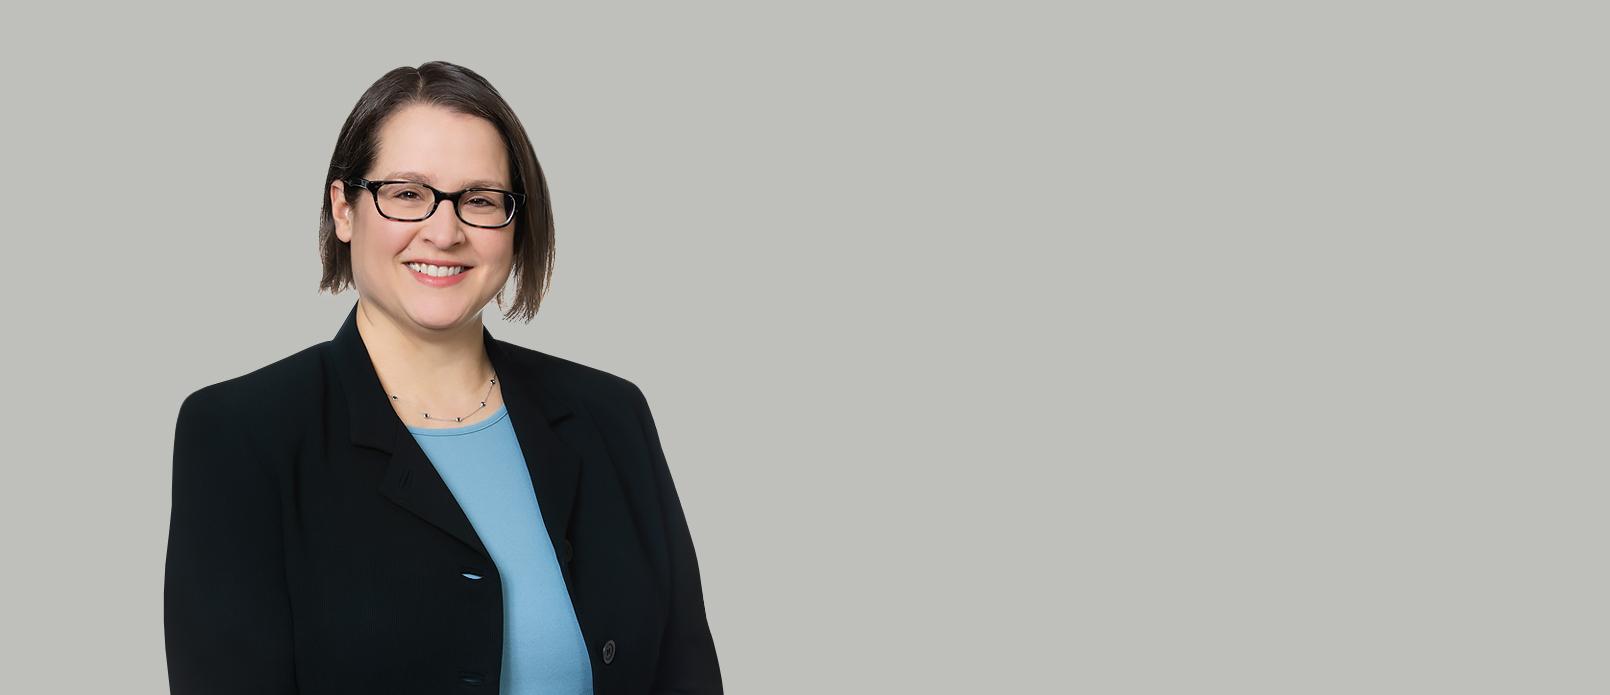 Kate Schroepfer